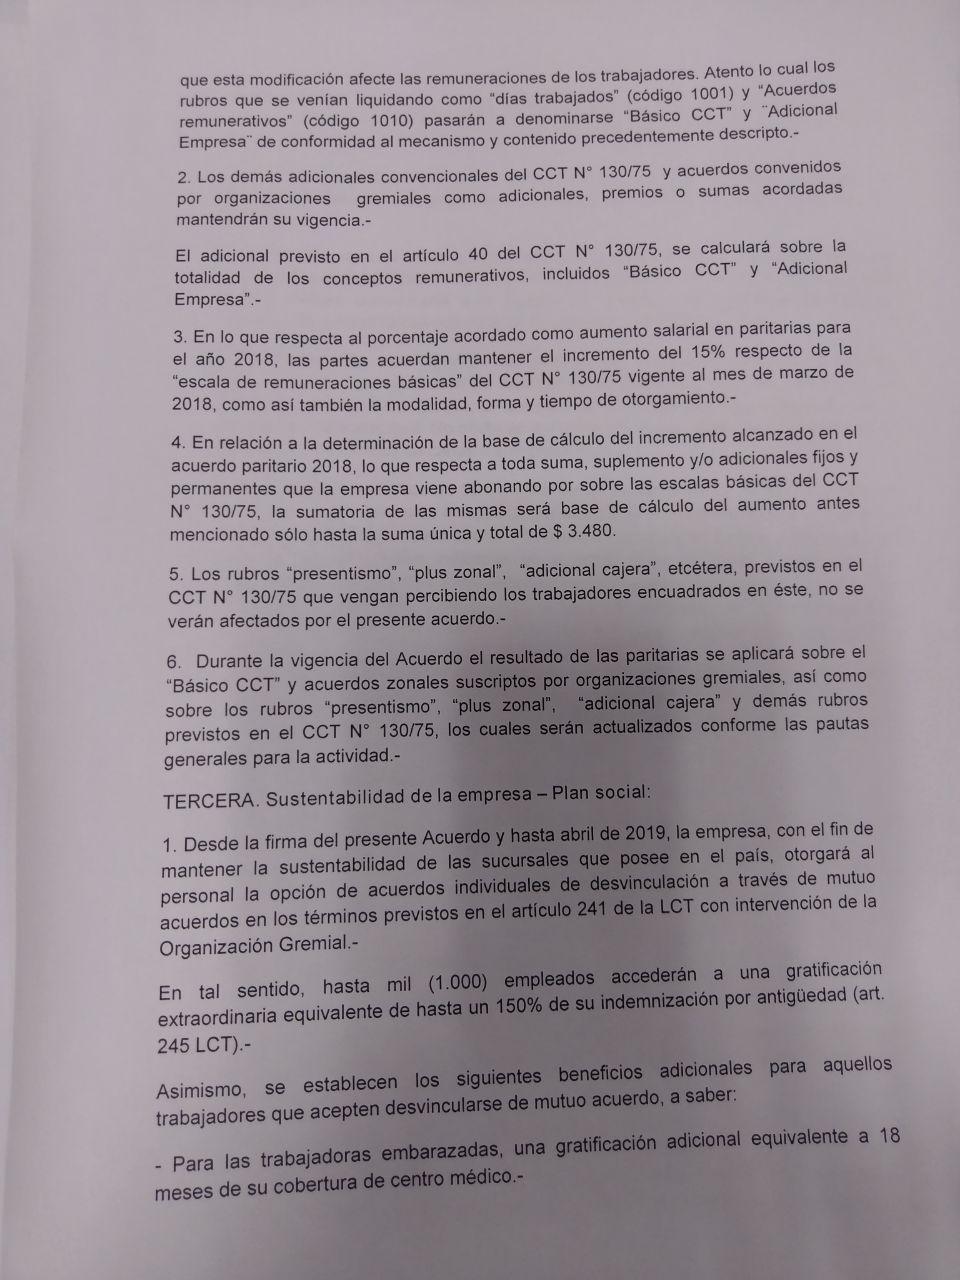 #Exclusivo El acuerdo que convalida la reforma laboral de hecho en Carrefour